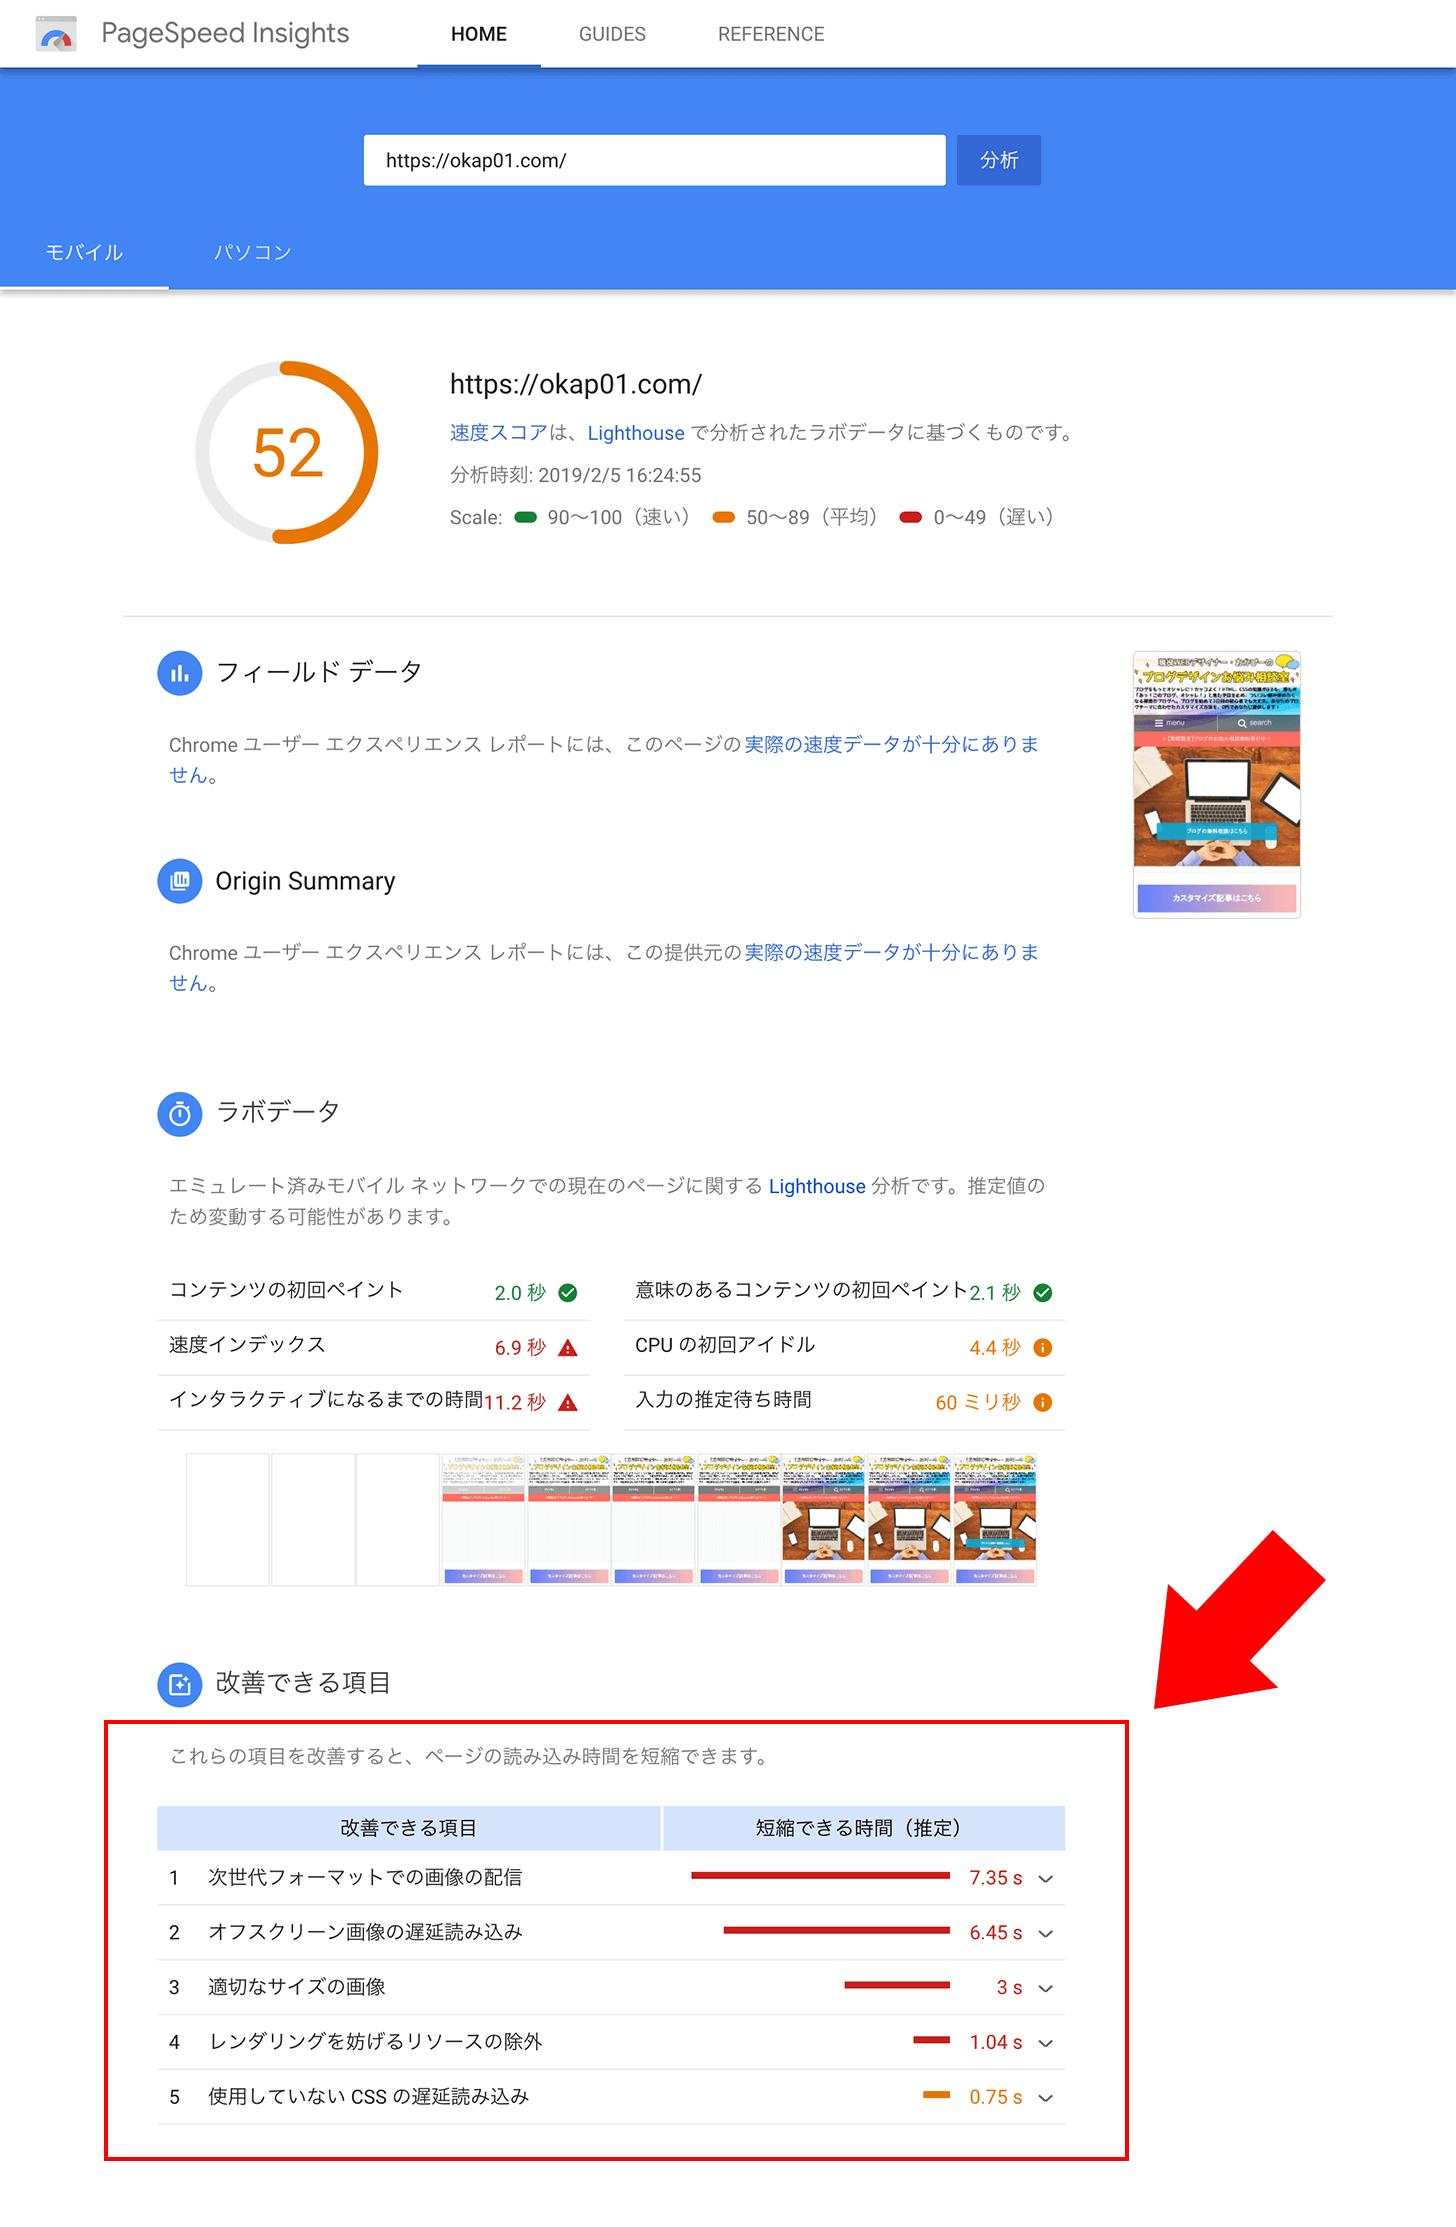 pagespeed-insights 53点 改善できる項目